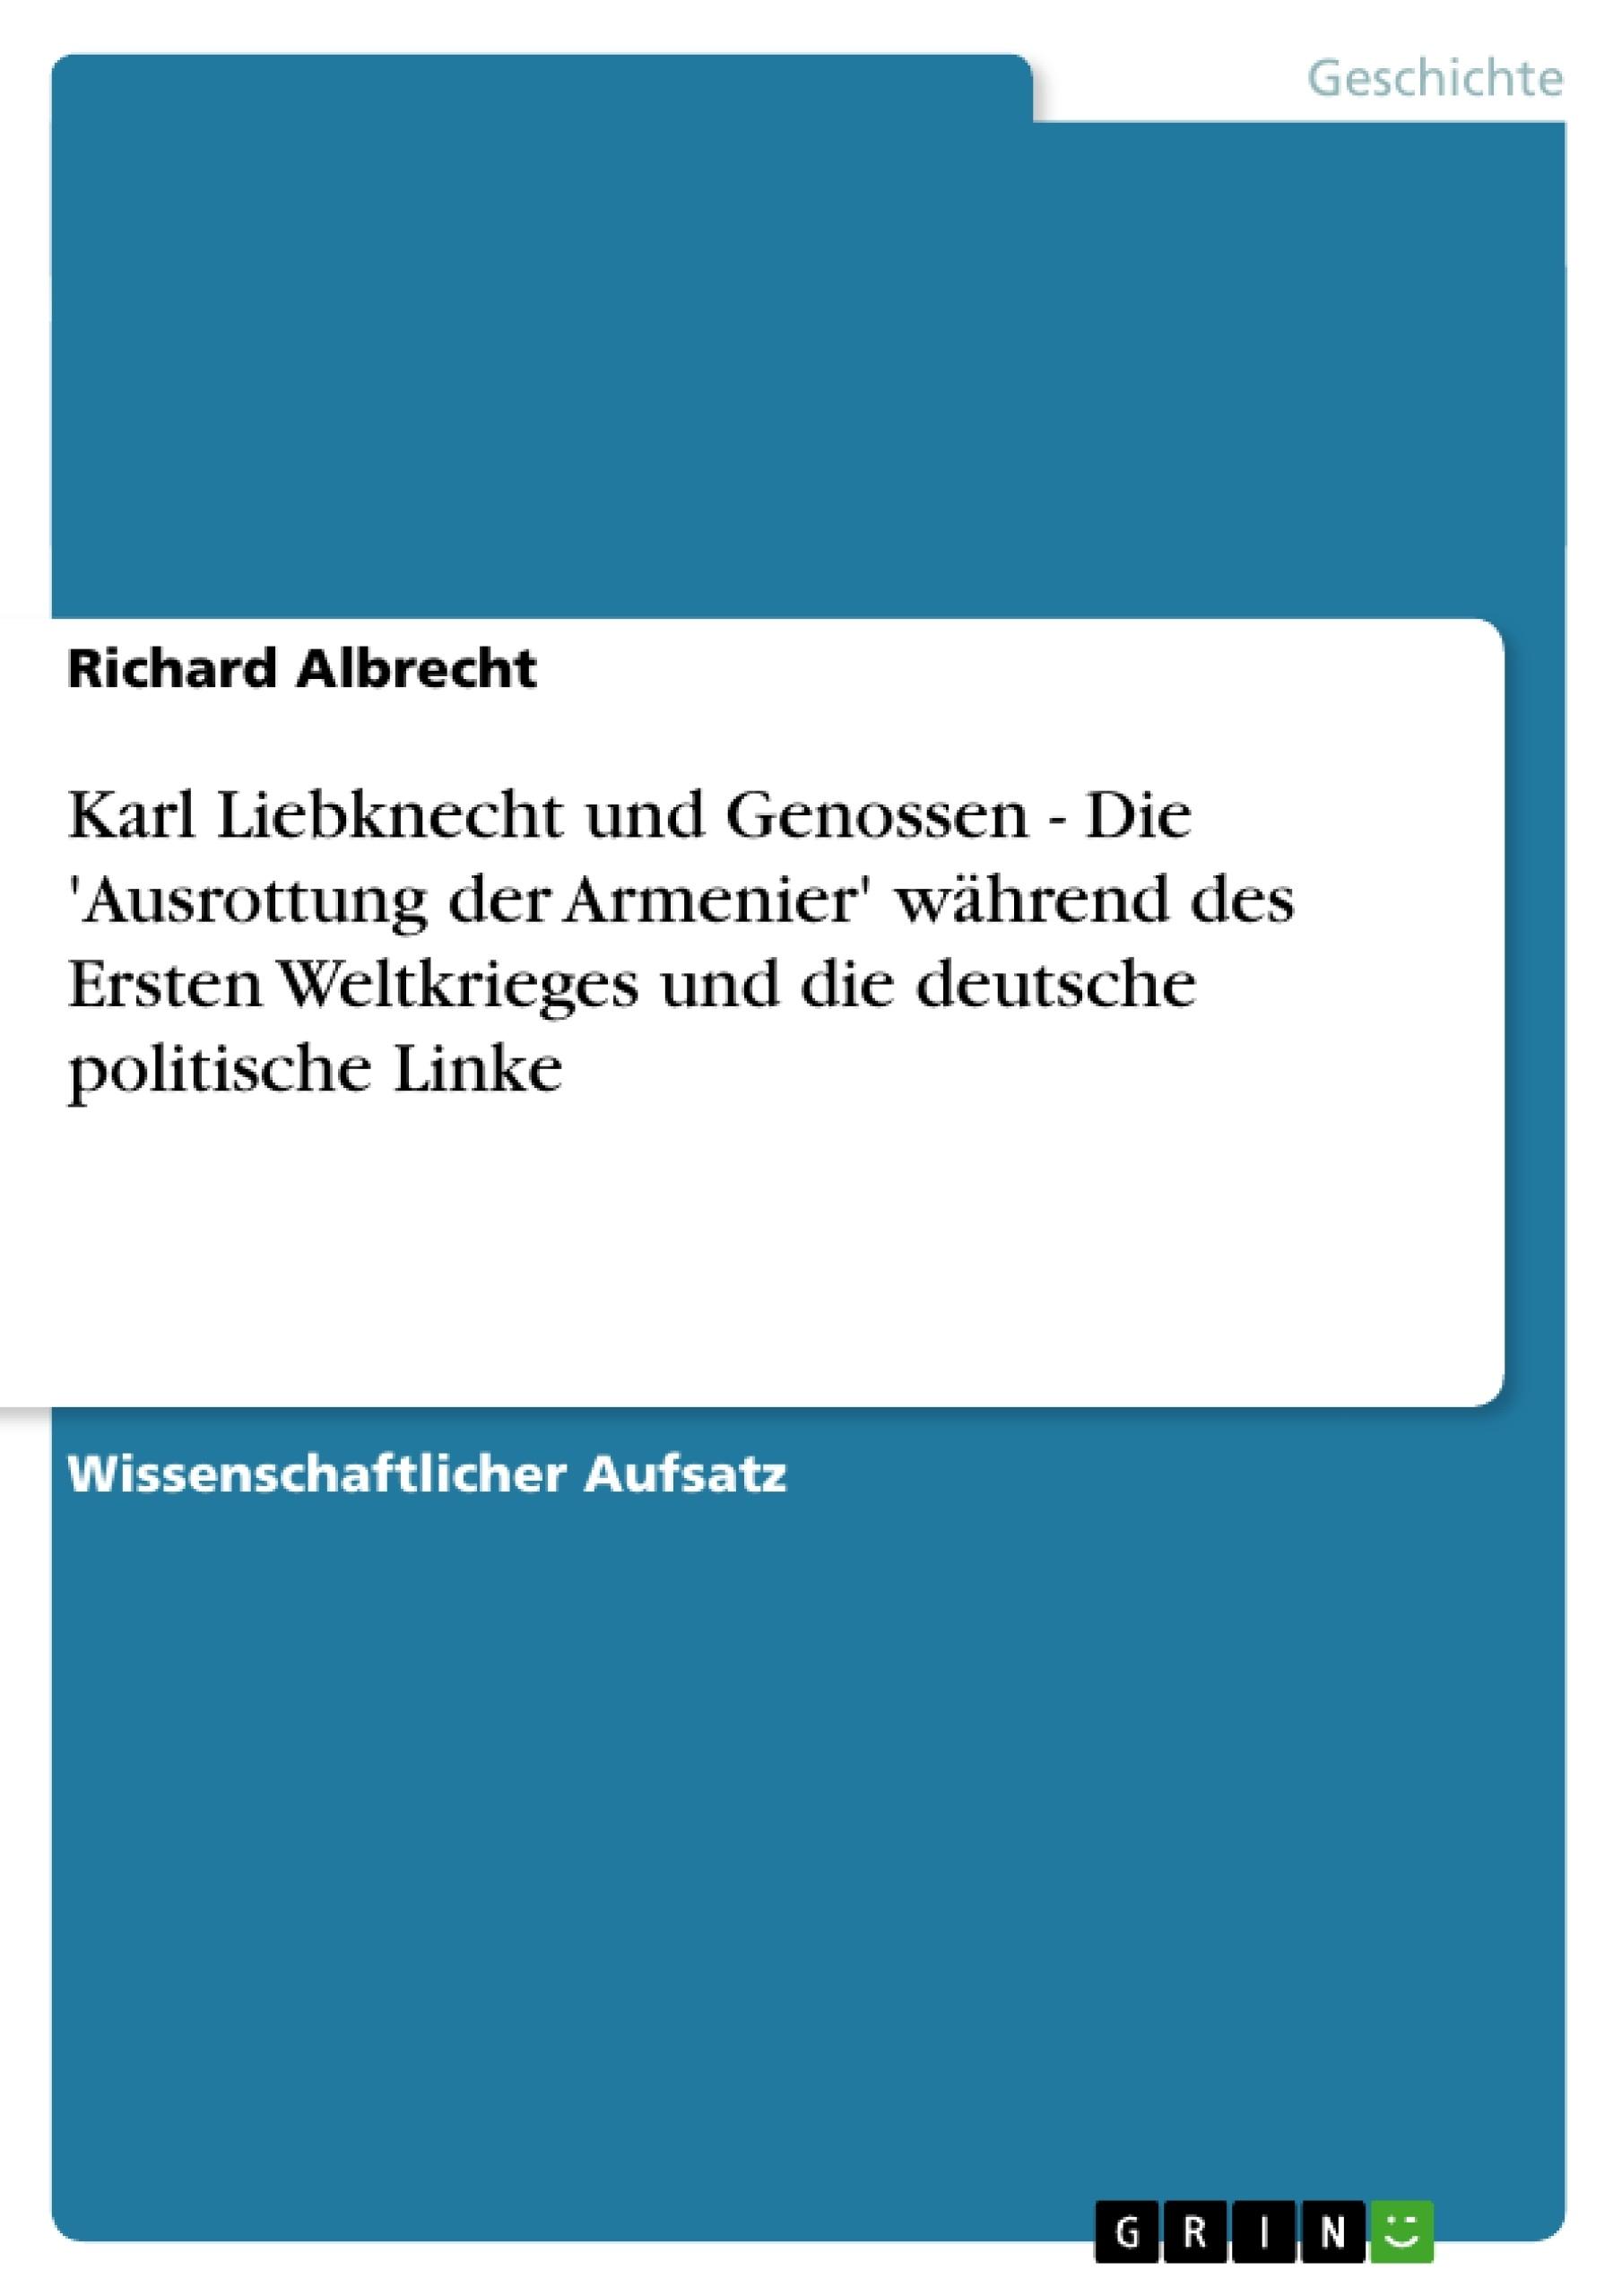 Titel: Karl Liebknecht und Genossen - Die 'Ausrottung der Armenier' während des Ersten Weltkrieges und die deutsche politische Linke